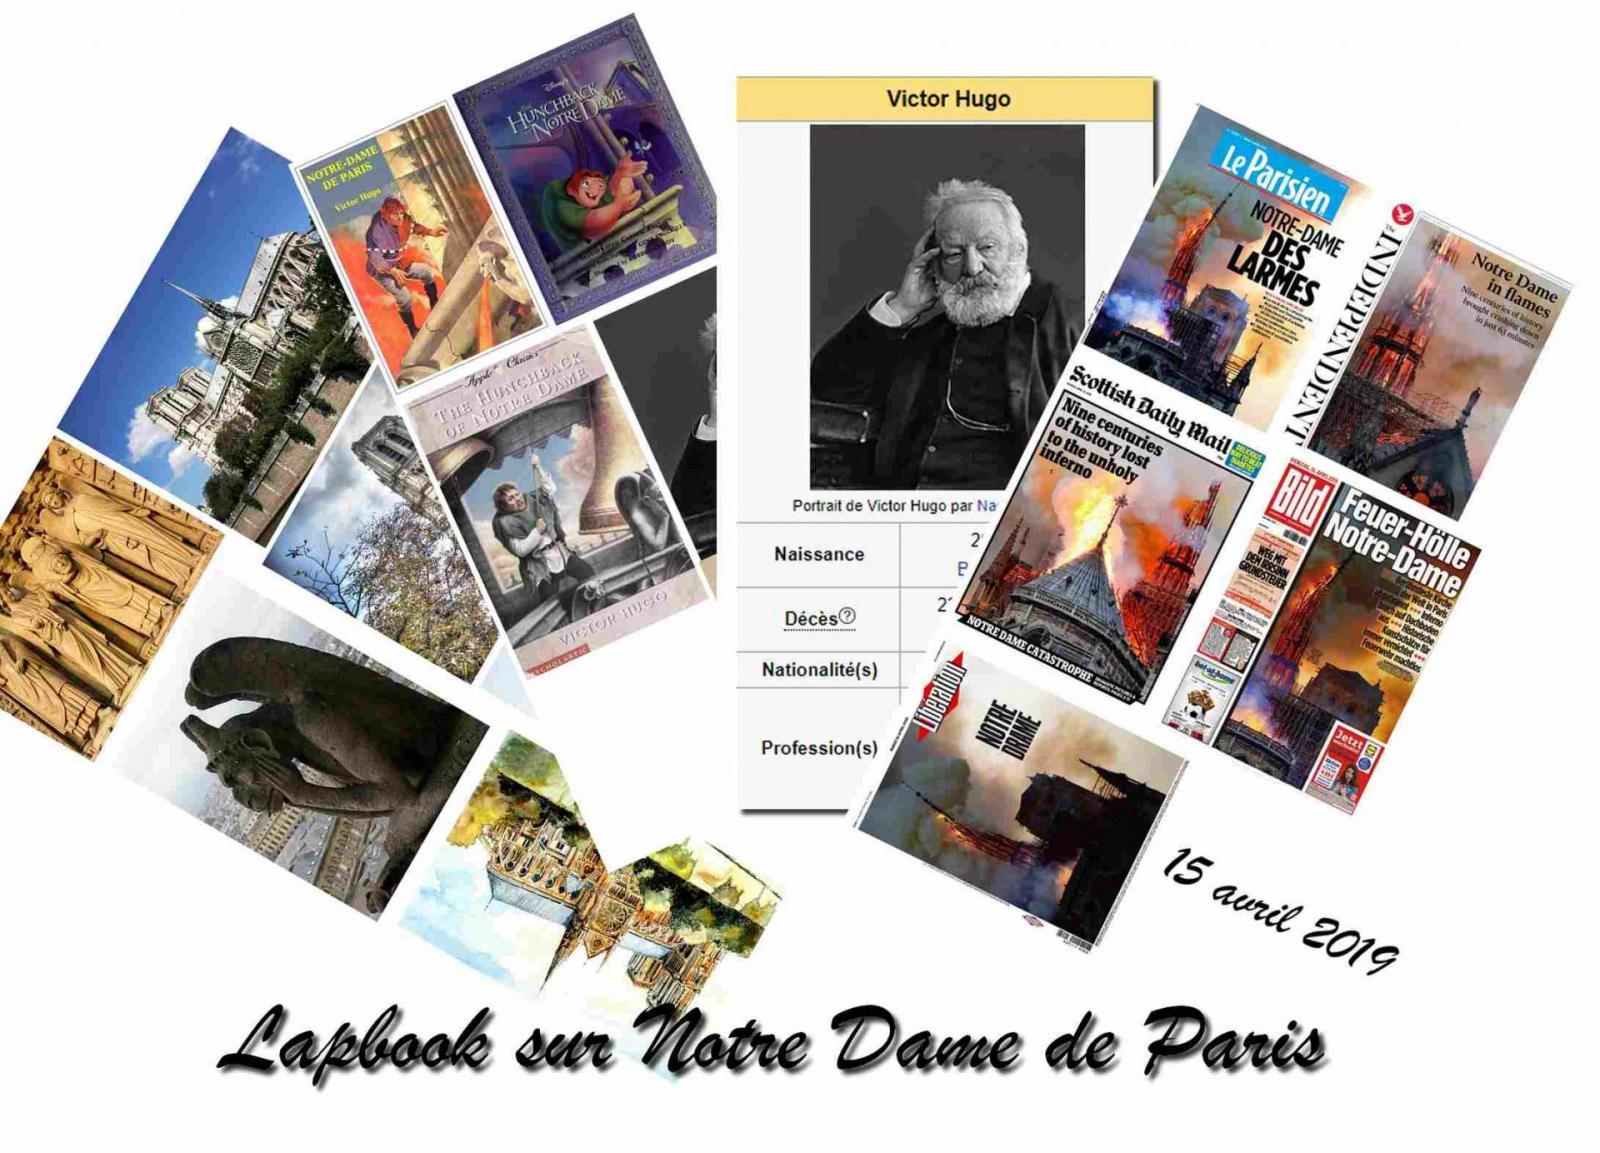 Notre dame de paris lapbook 5